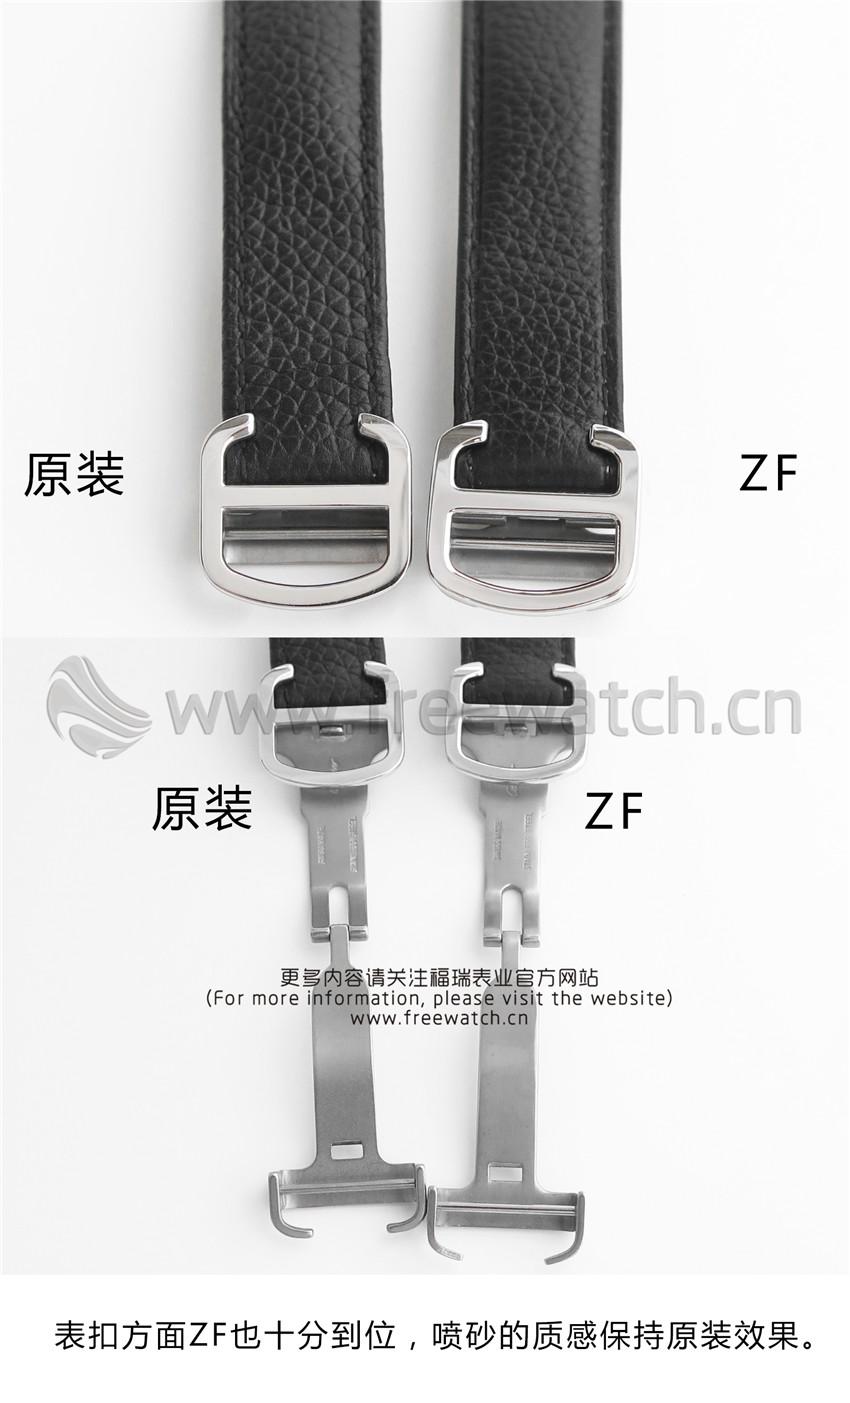 ZF厂卡地亚坦克石英皮带款与正品对比评测-第8张